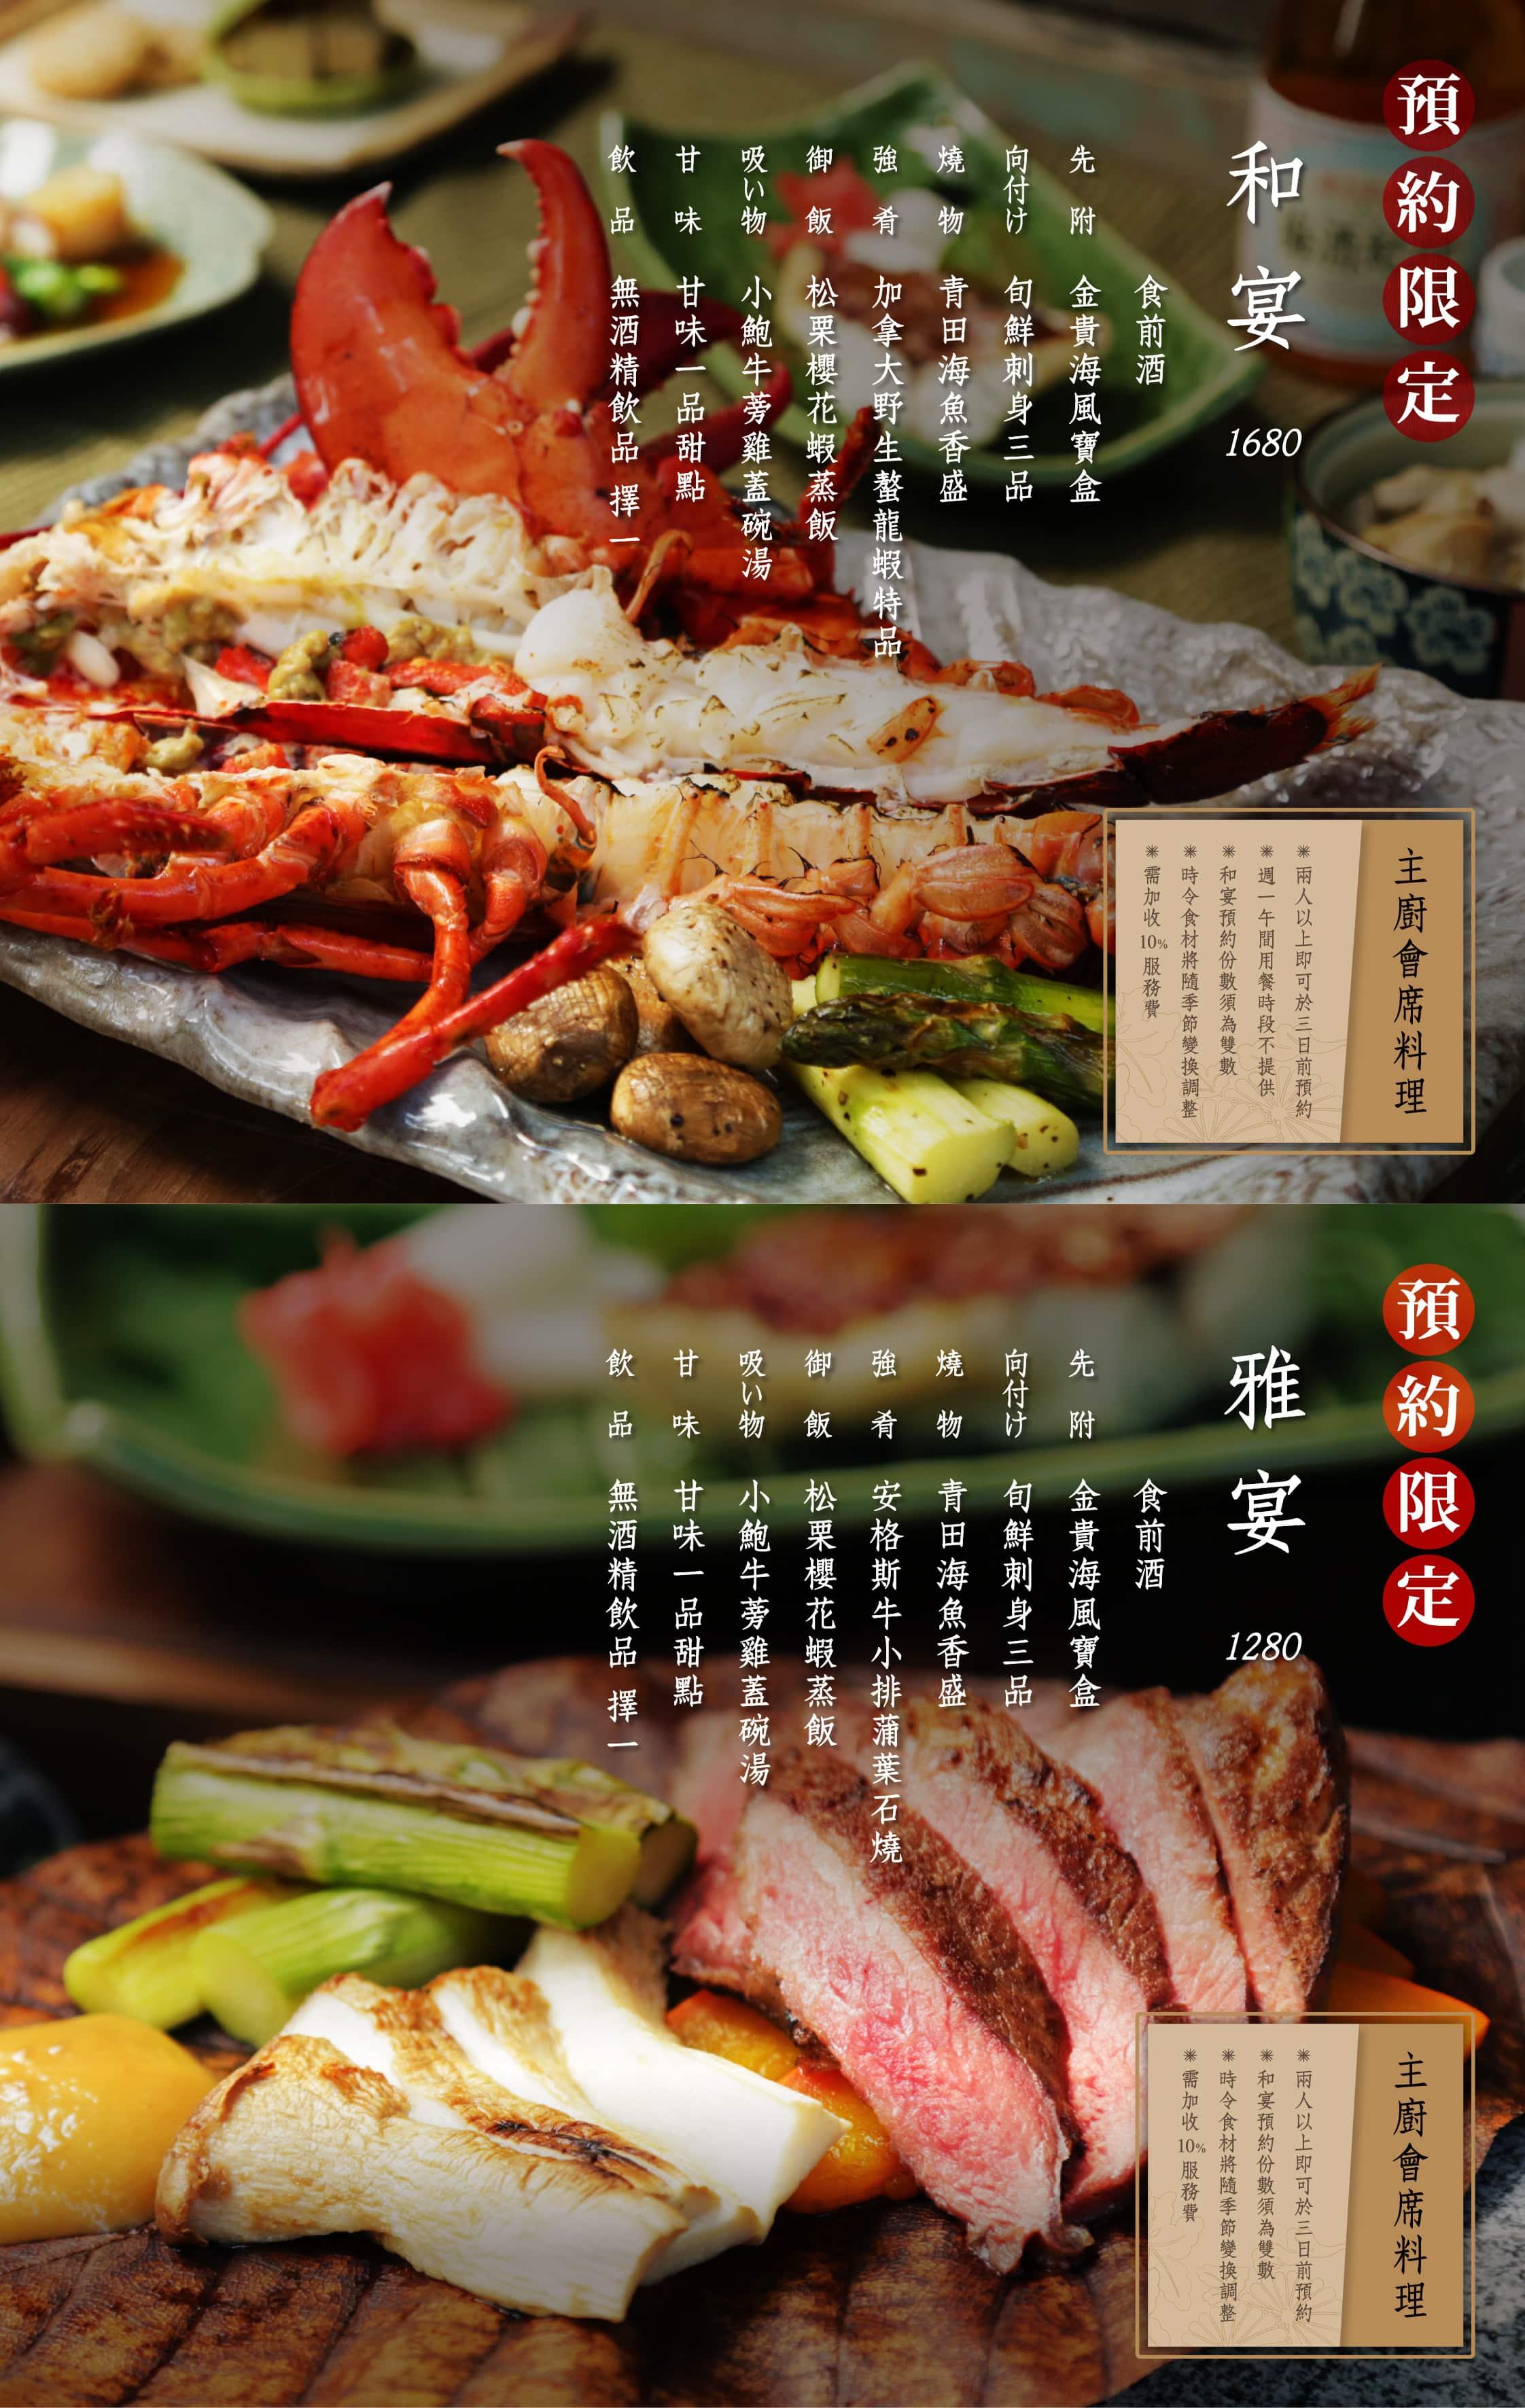 青田七六-菜單-預約會席料理-20210129